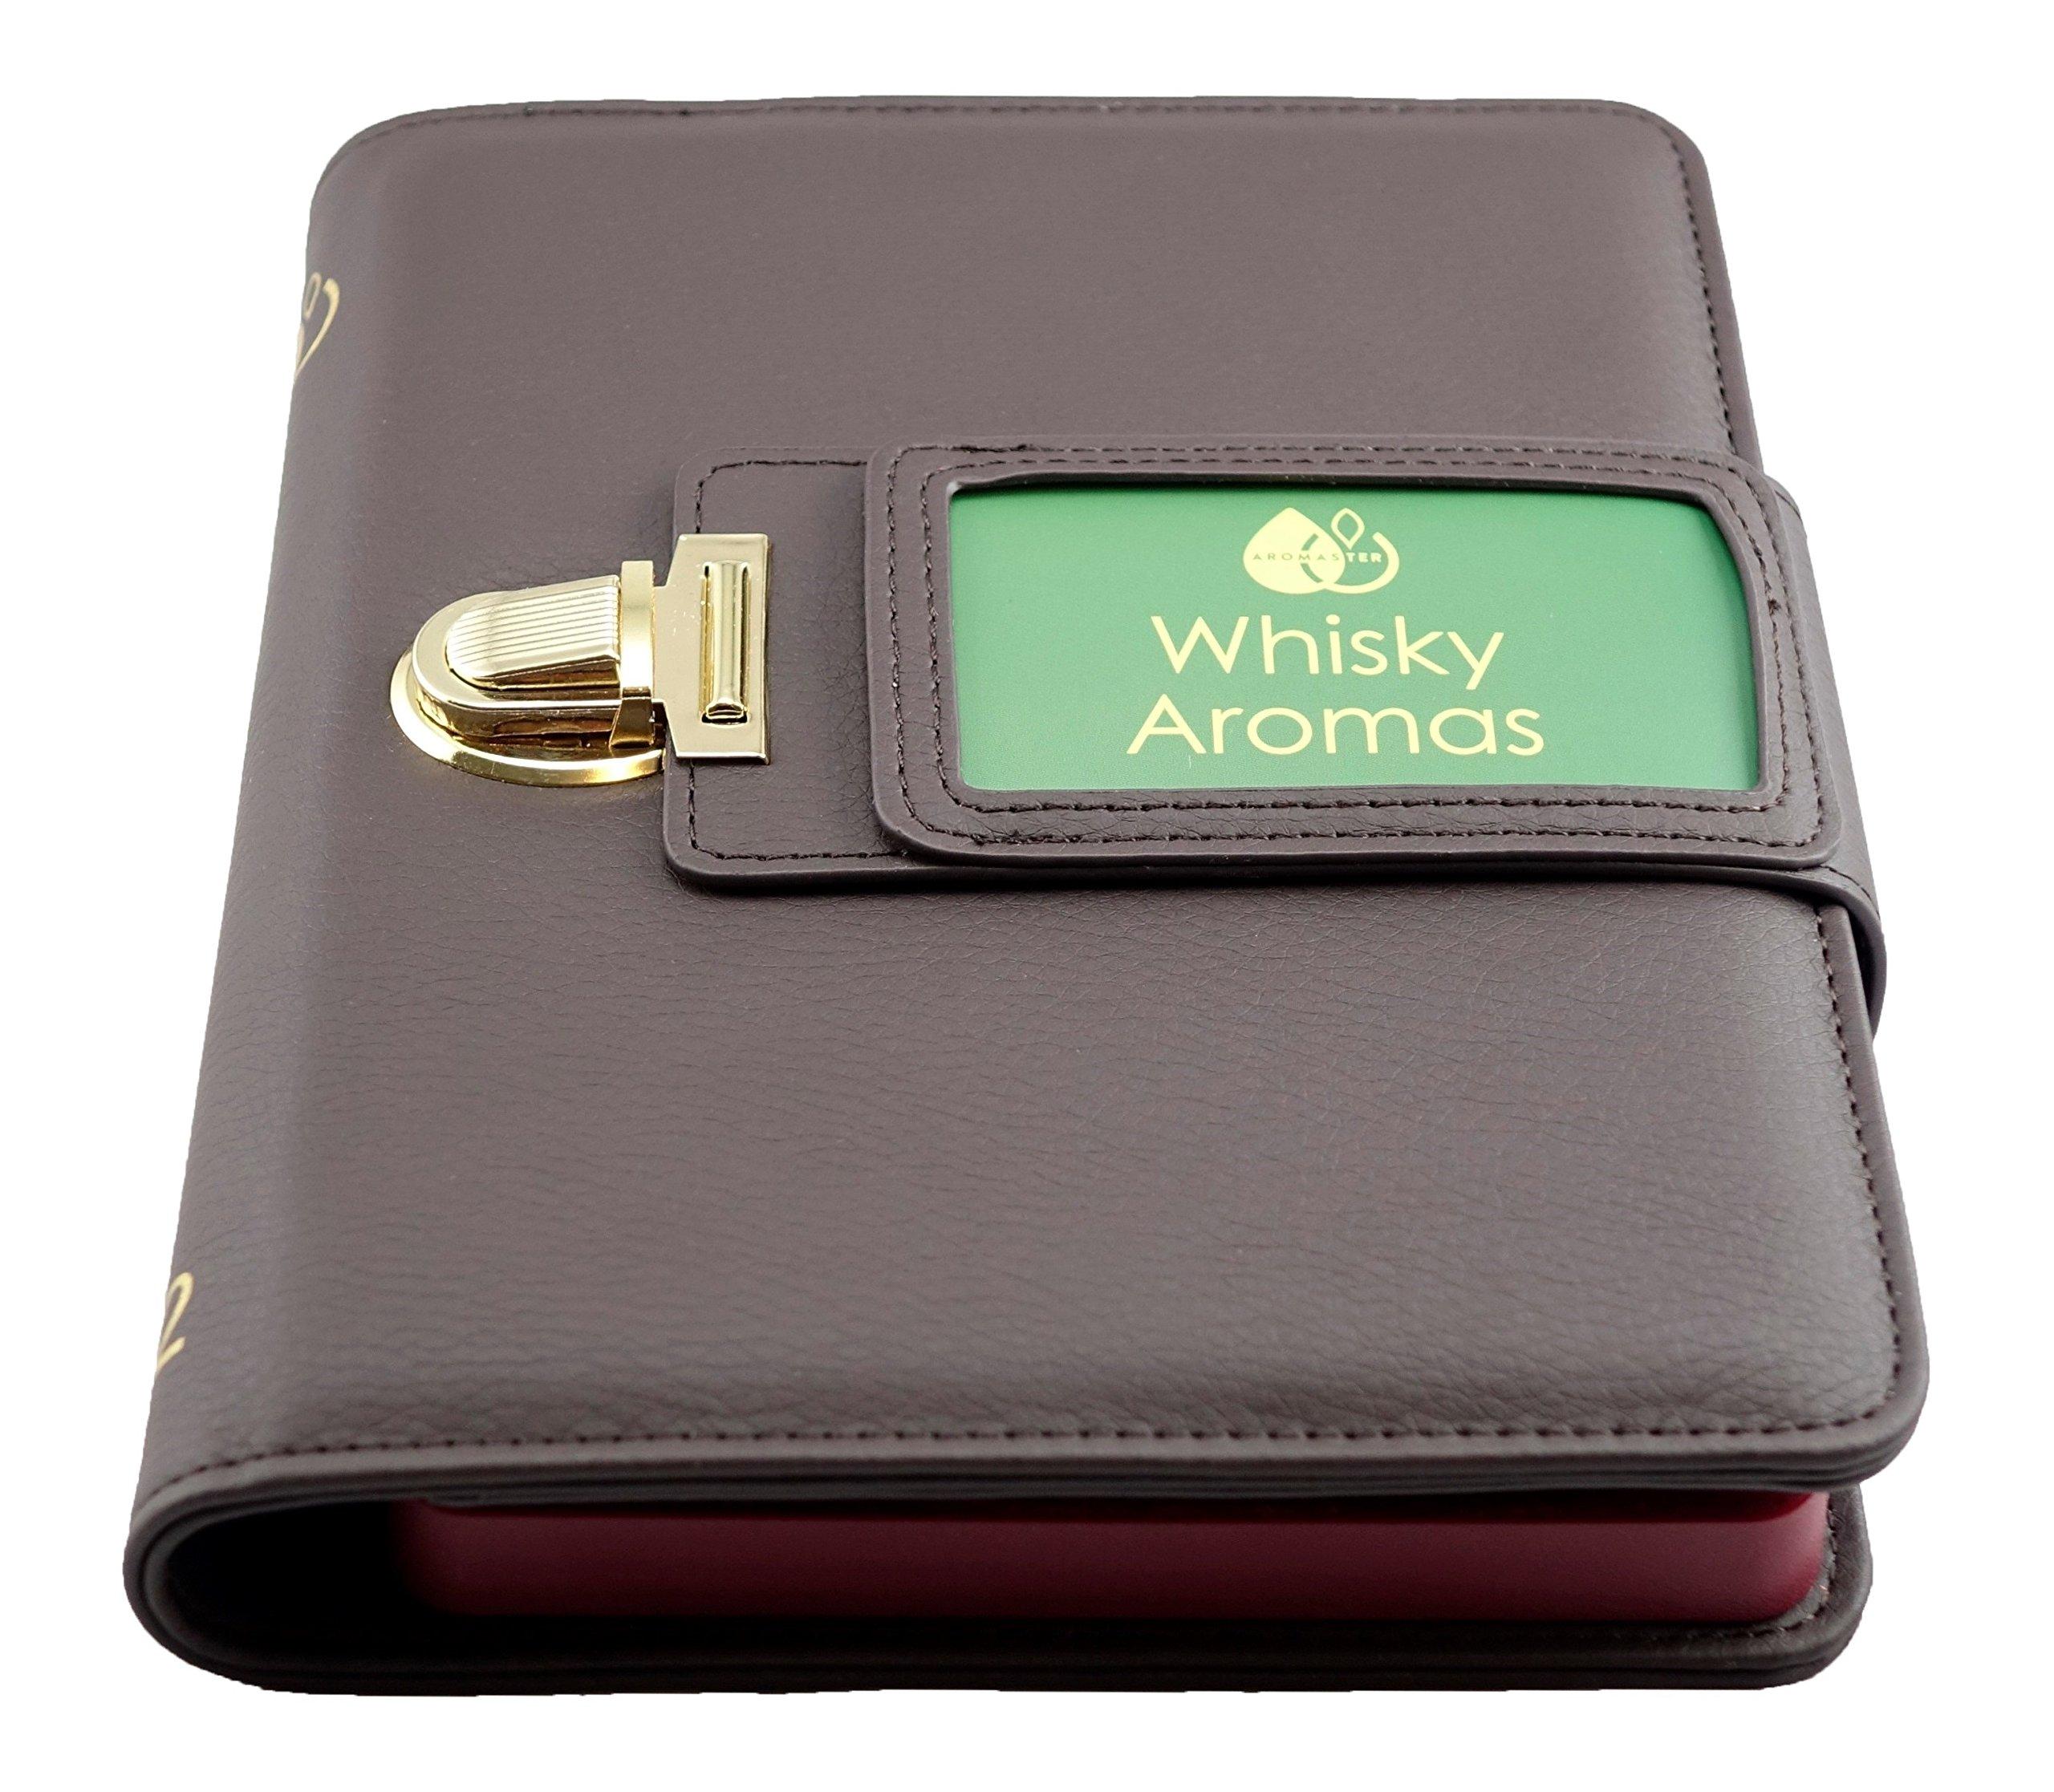 Whisky Aroma Kit - 12 Aromas (incl. Whisky Aroma Wheel)